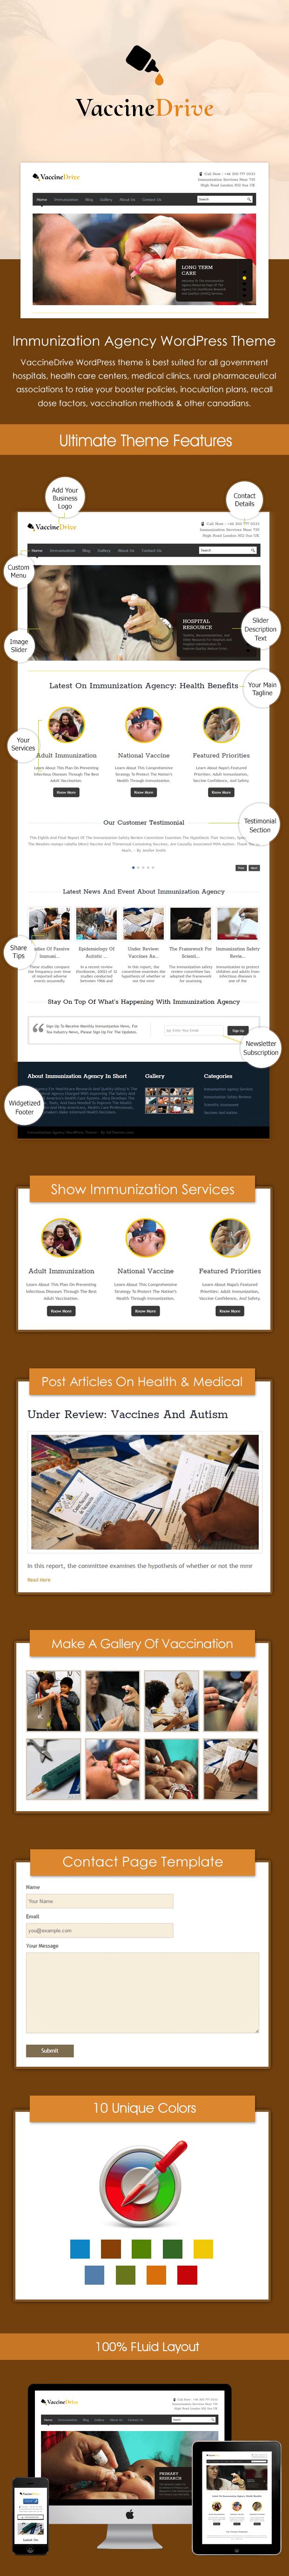 SalesPage - VaccineDrive